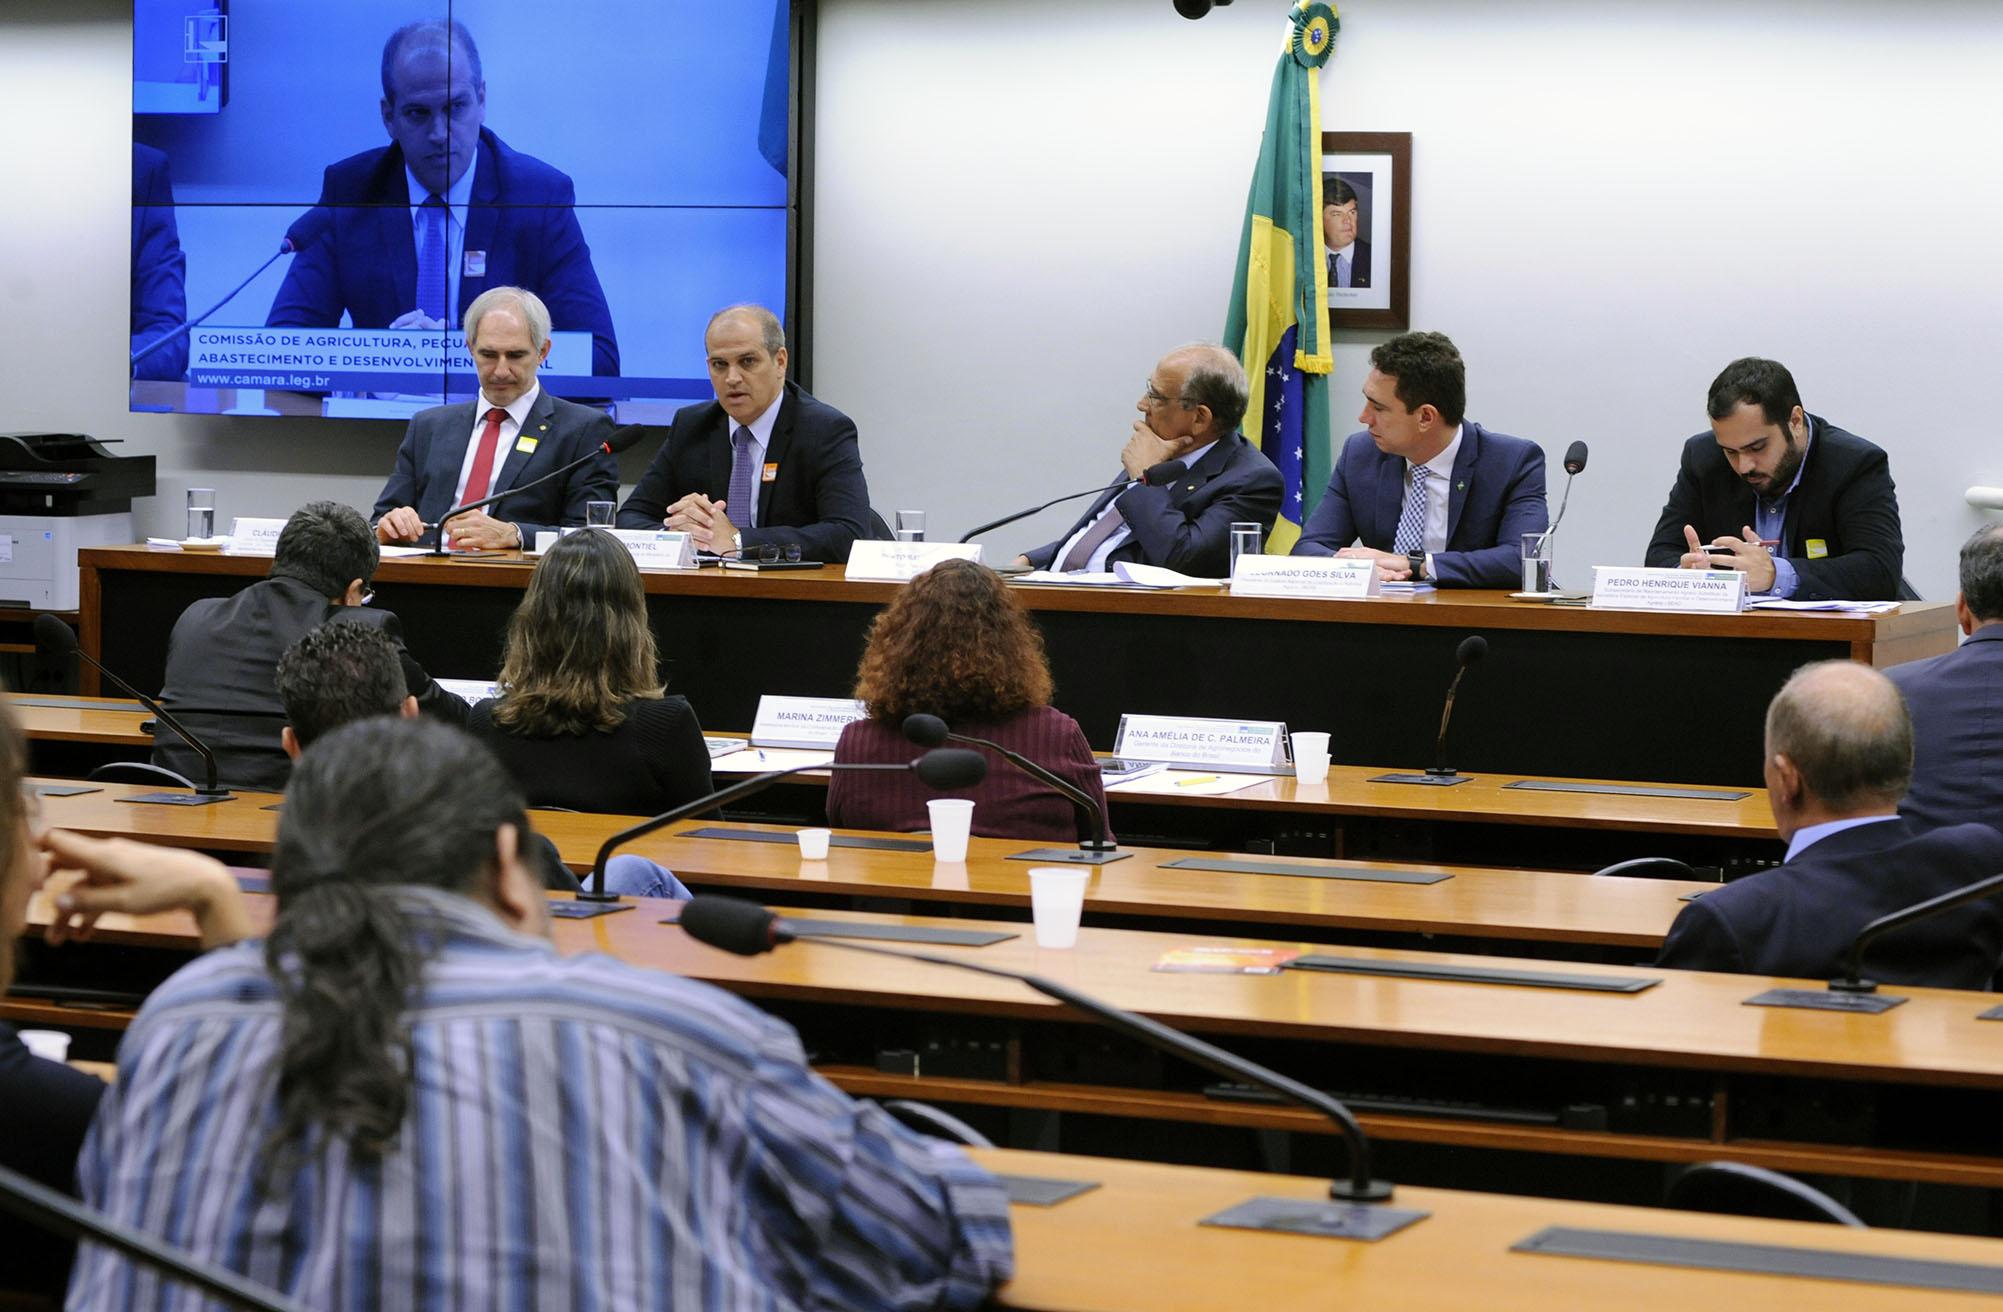 Audiência pública sobre o crédito fundiário